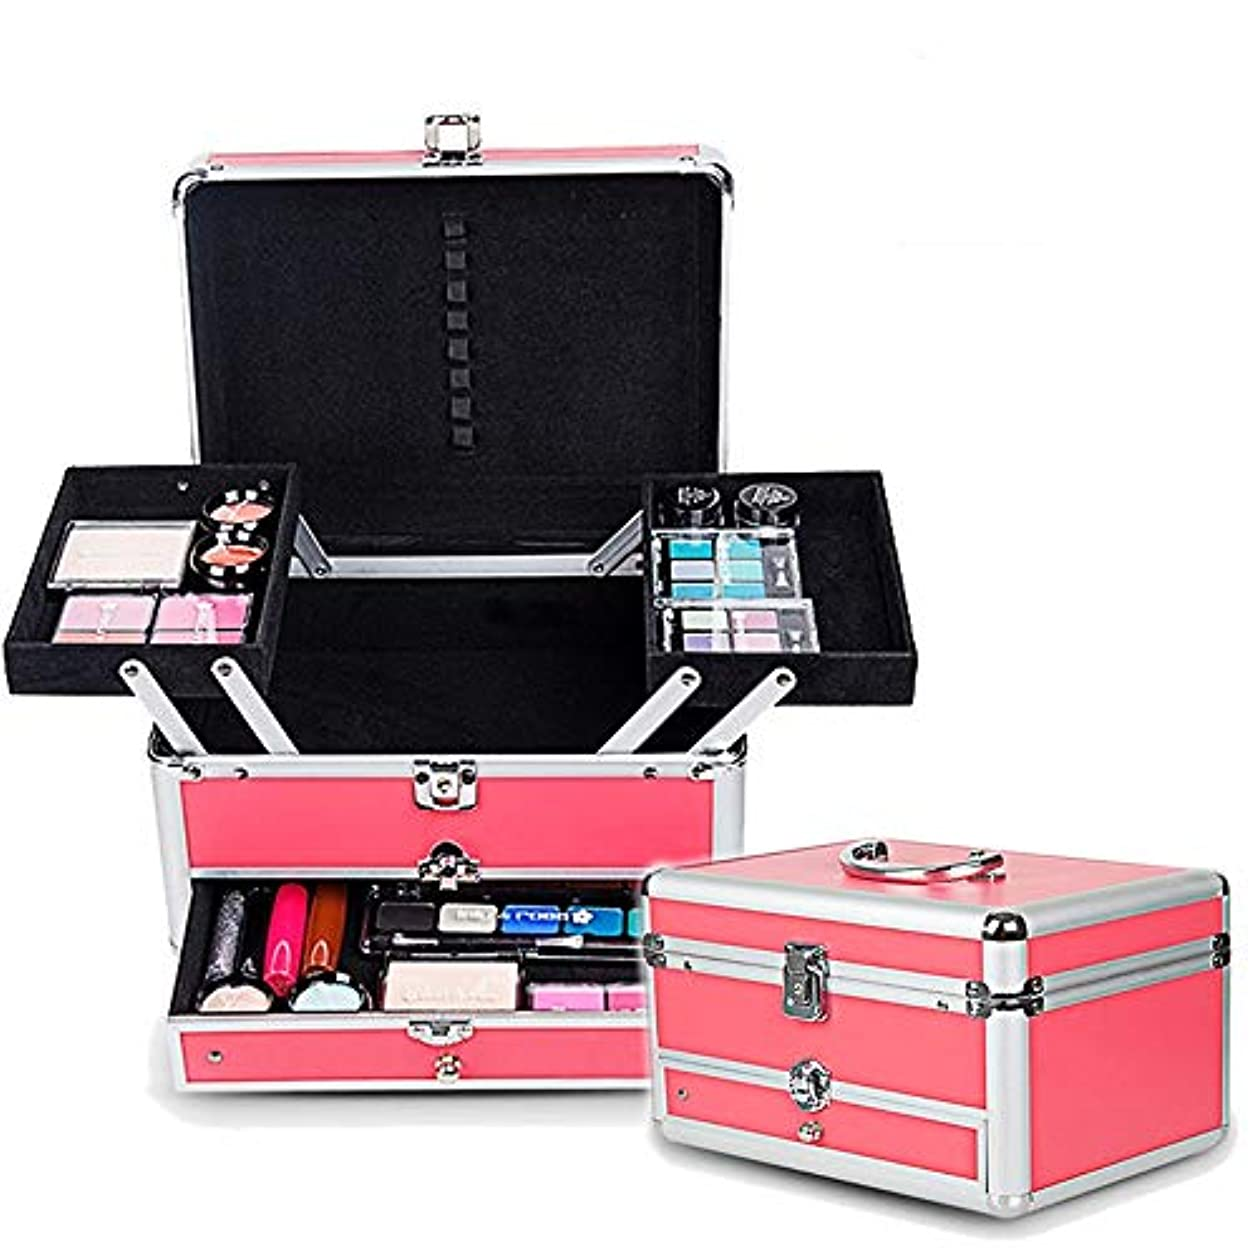 激怒フランクワースリー残忍な特大スペース収納ビューティーボックス 女の子の女性旅行のための新しく、実用的な携帯用化粧箱およびロックおよび皿が付いている毎日の貯蔵 化粧品化粧台 (色 : ピンク)